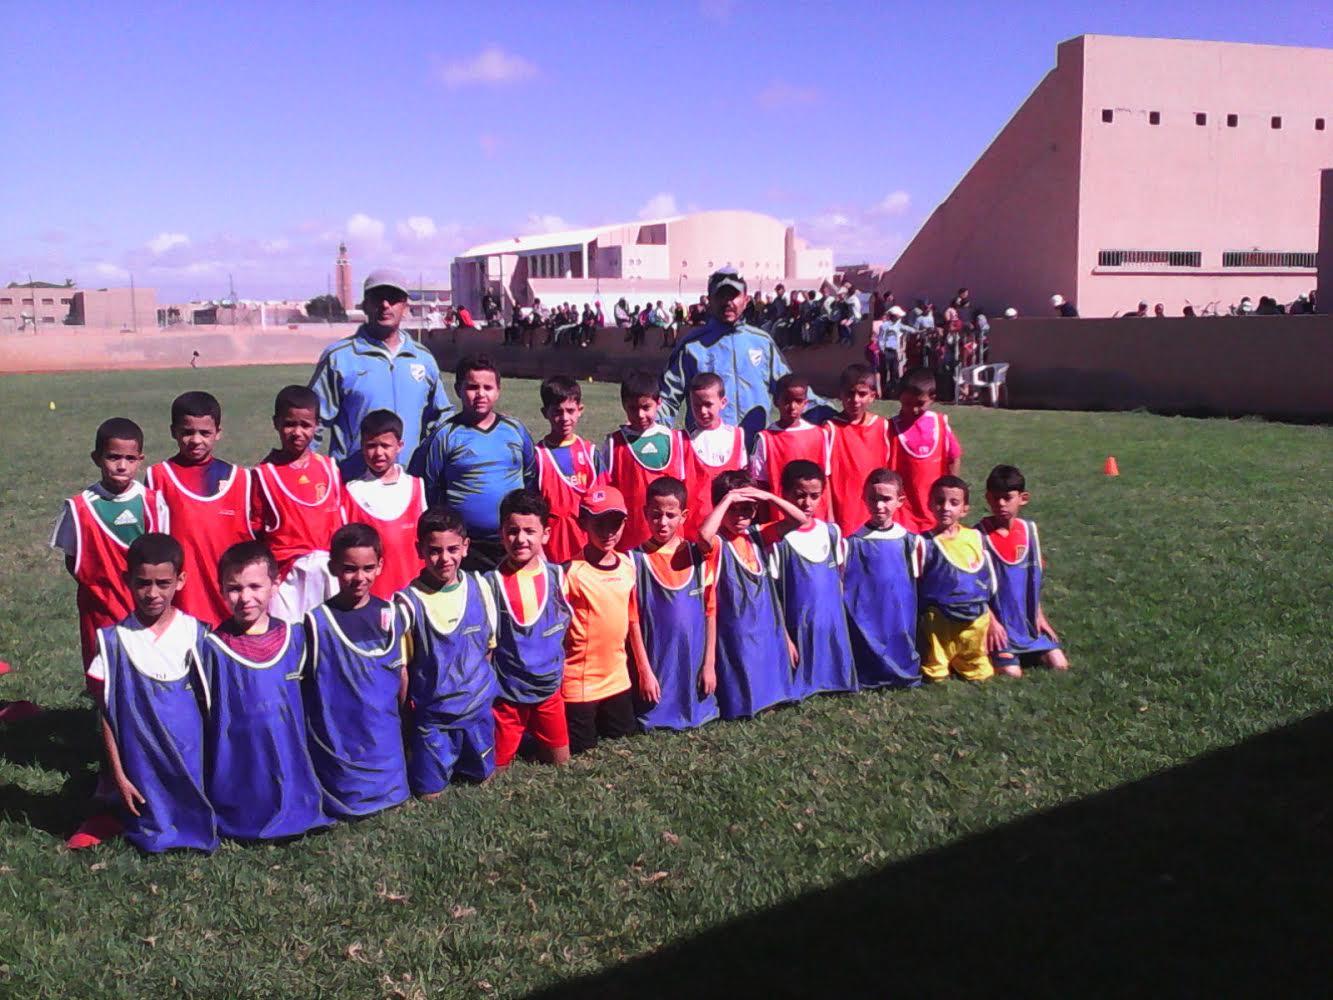 روبورتاج مصور عن مدرسة امل تيزنيت لكرة القدم